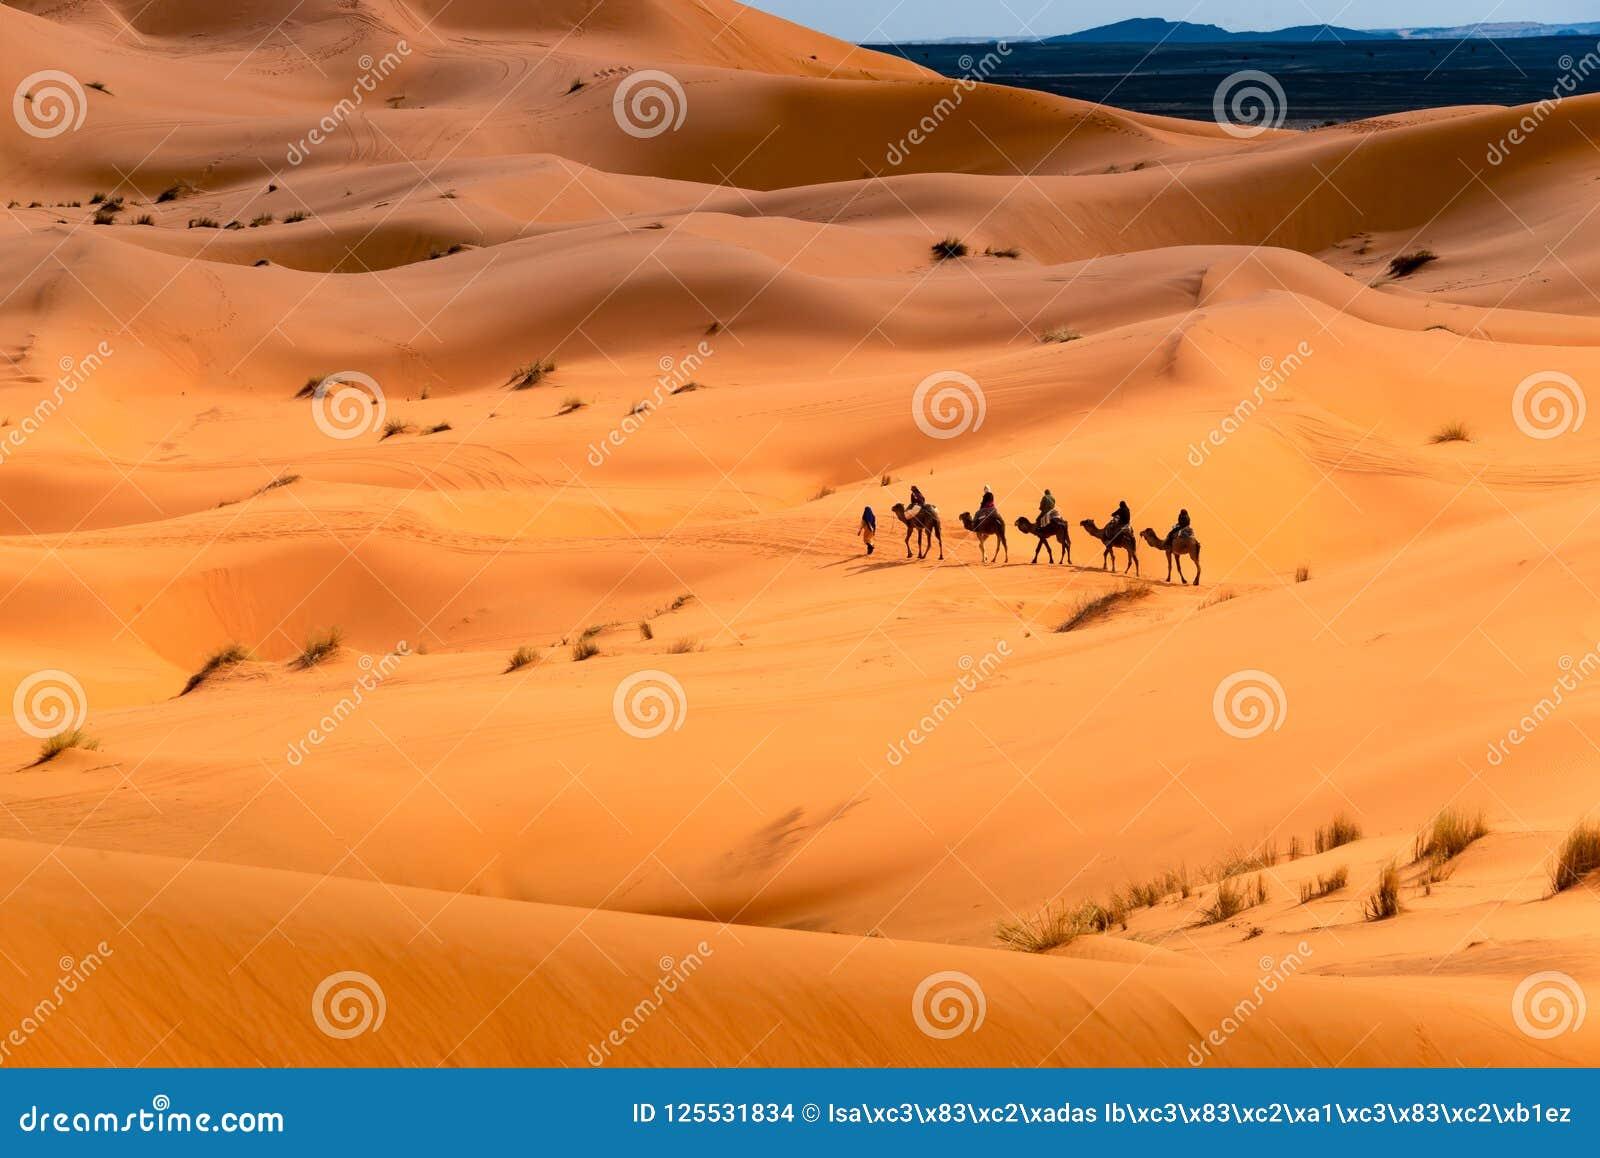 Kameelrit door de woestijn